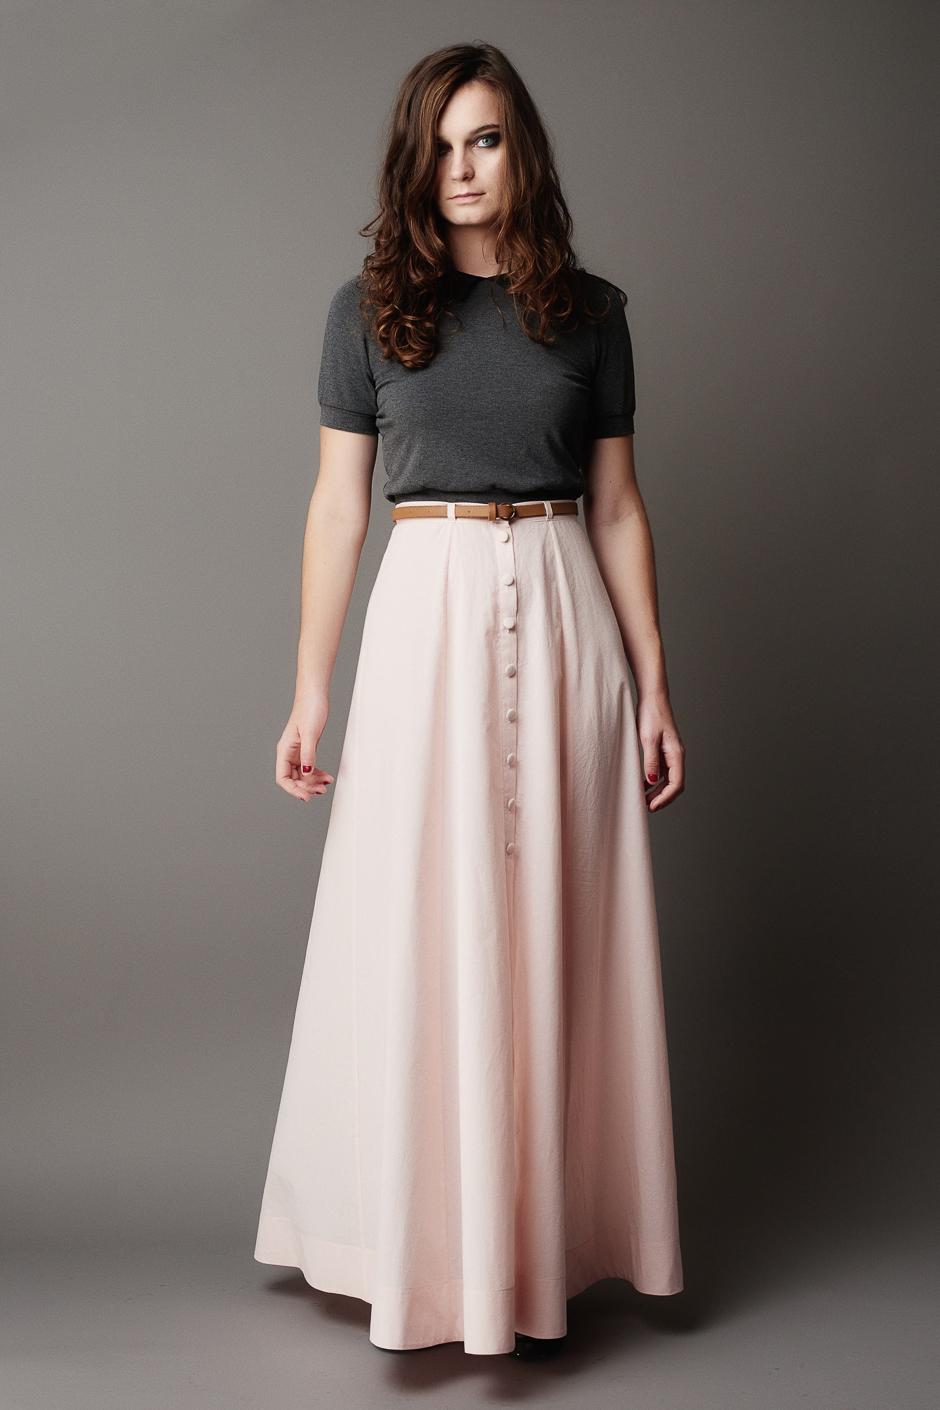 Fumeterre Maxi skirt from Deer & Doe